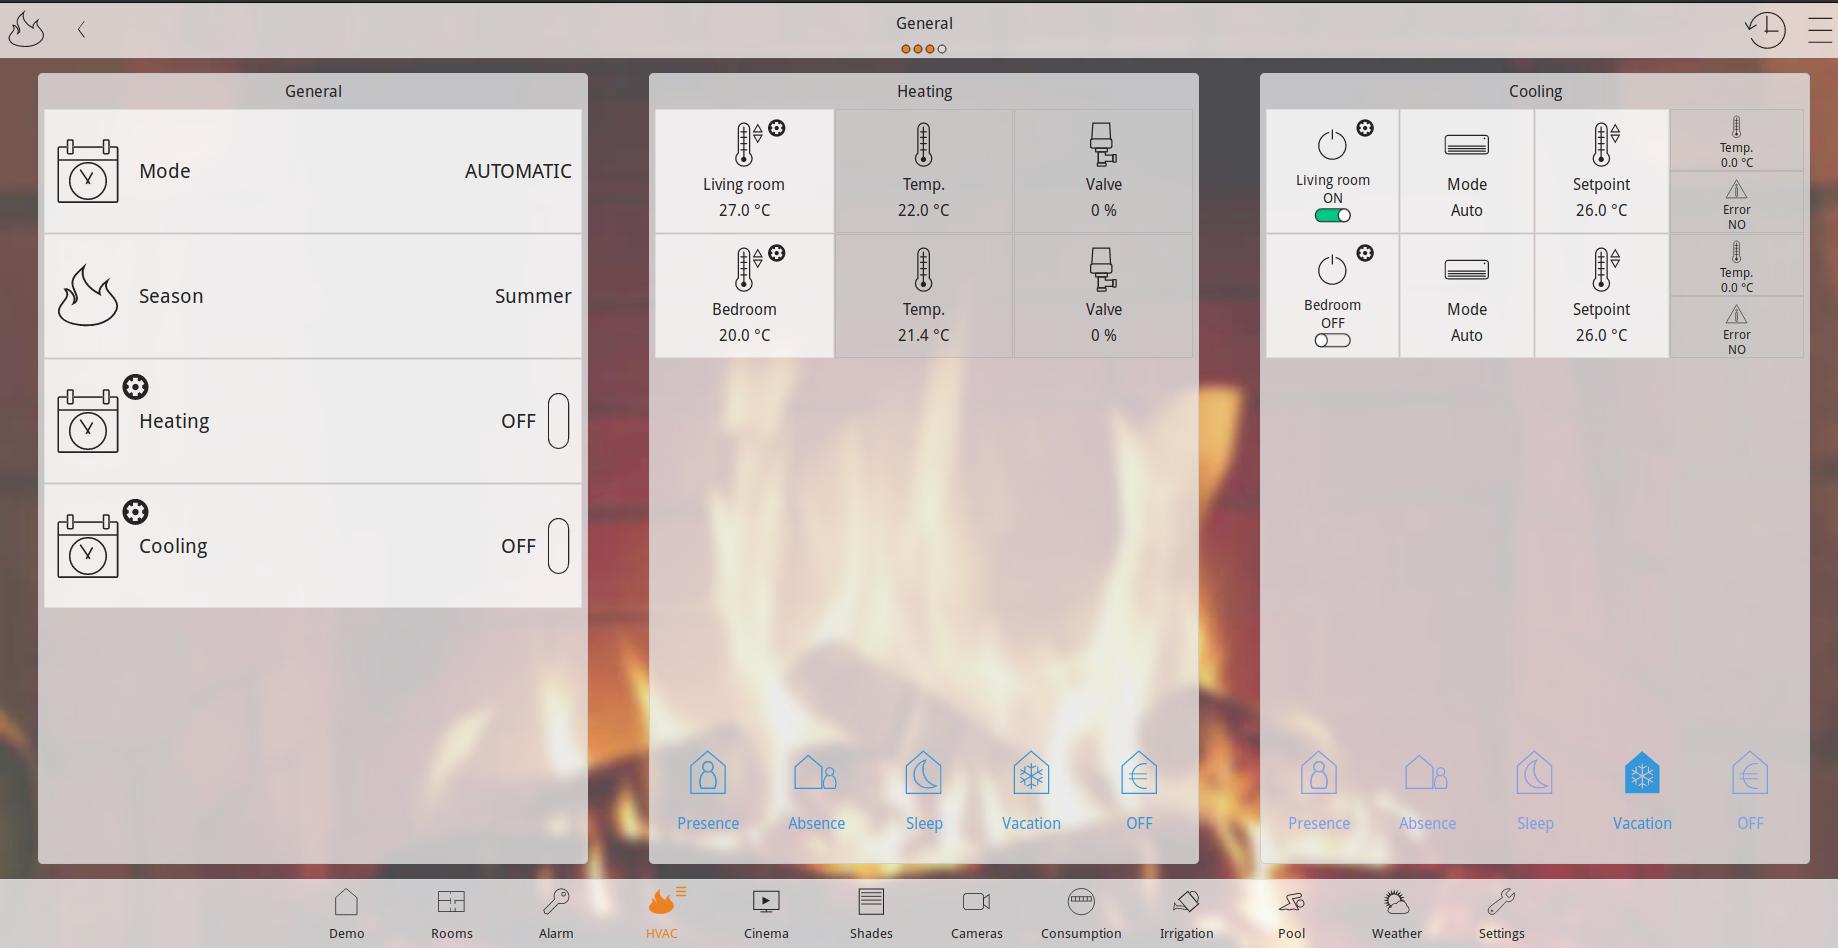 Smart home управление на отопление